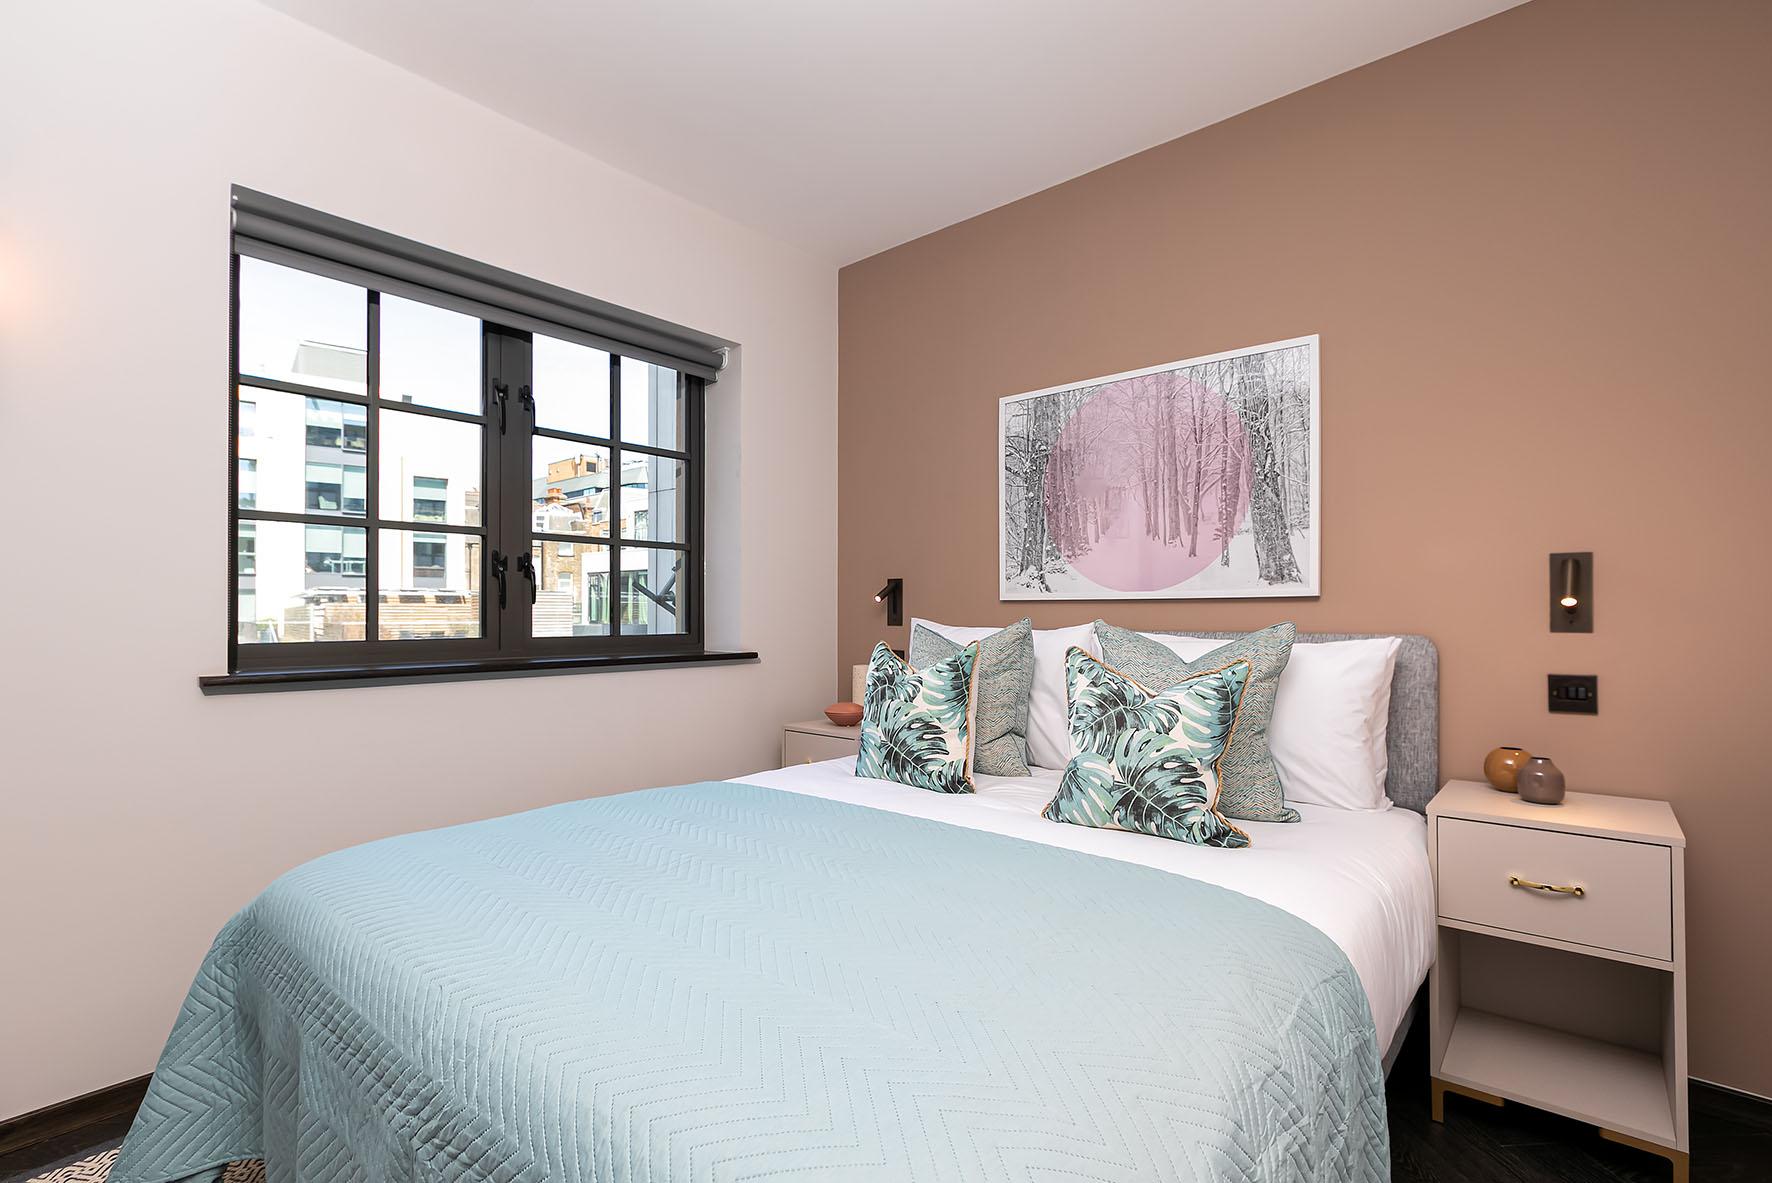 Lovelydays luxury service apartment rental - London - Soho - Oxford Street V - Lovelysuite - 1 bedrooms - 1 bathrooms - Queen bed - 78404282bbf4 - Lovelydays